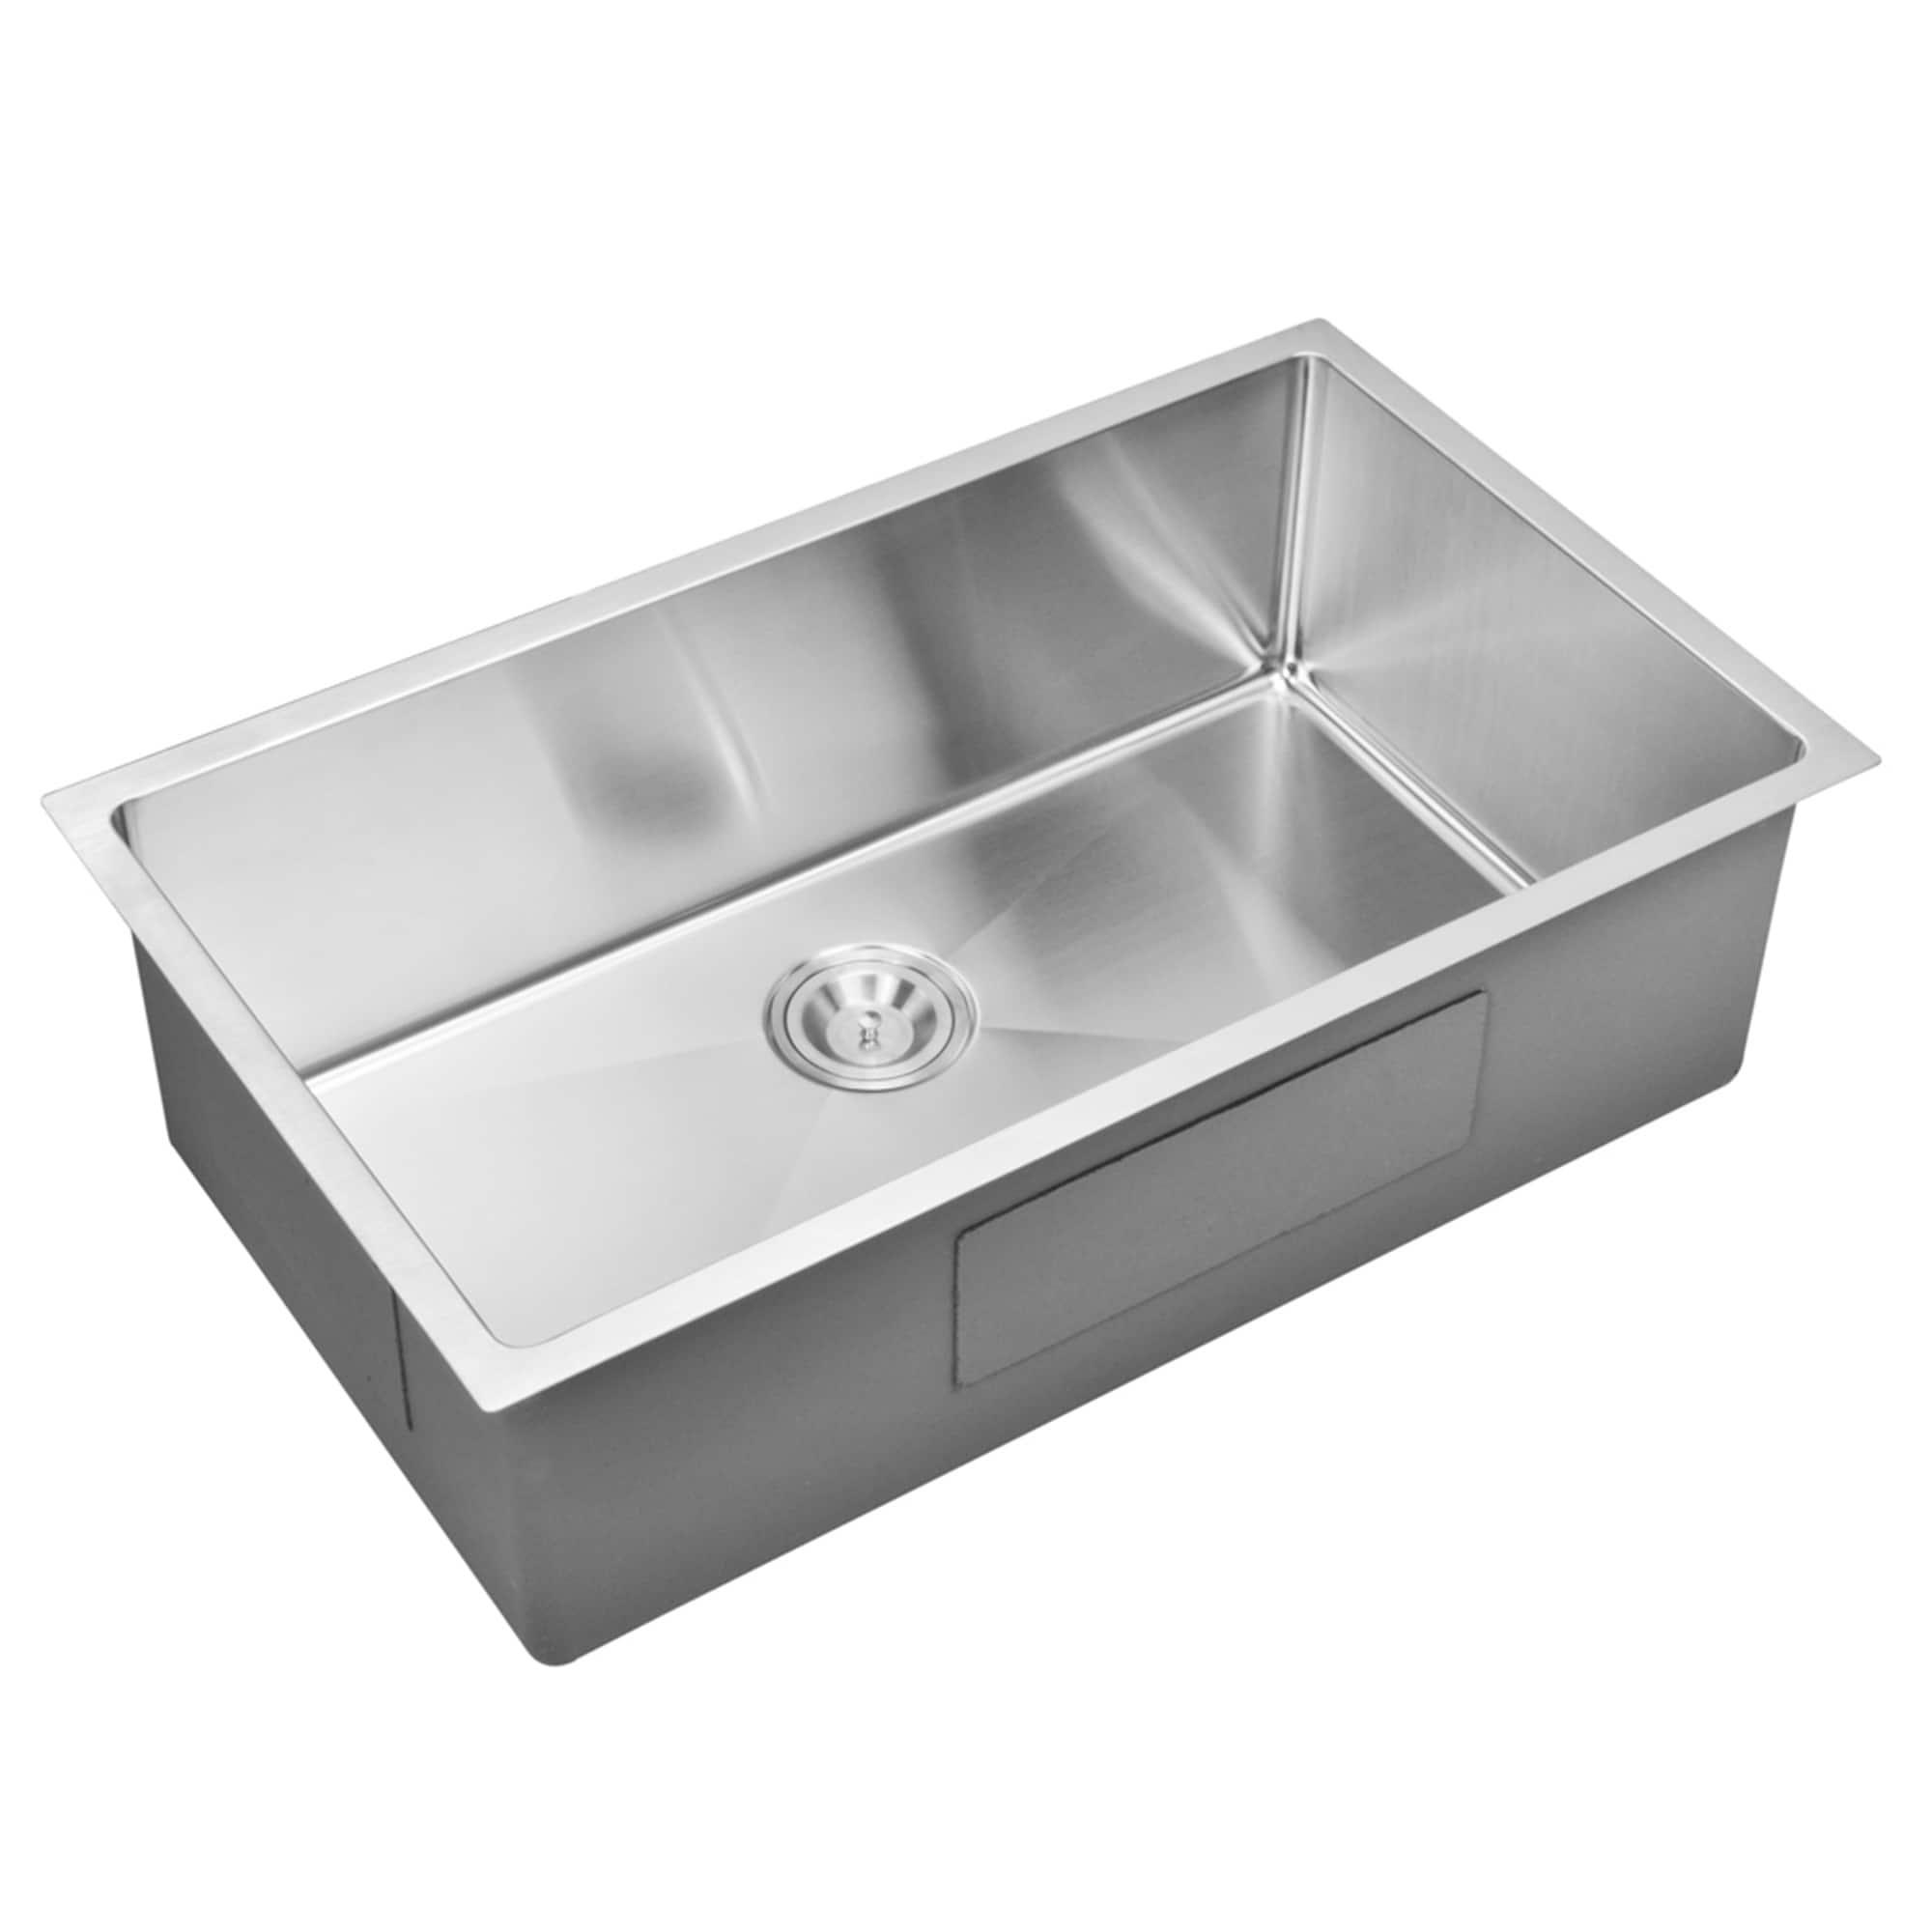 Buy Kitchen Sinks Online At Overstock.com